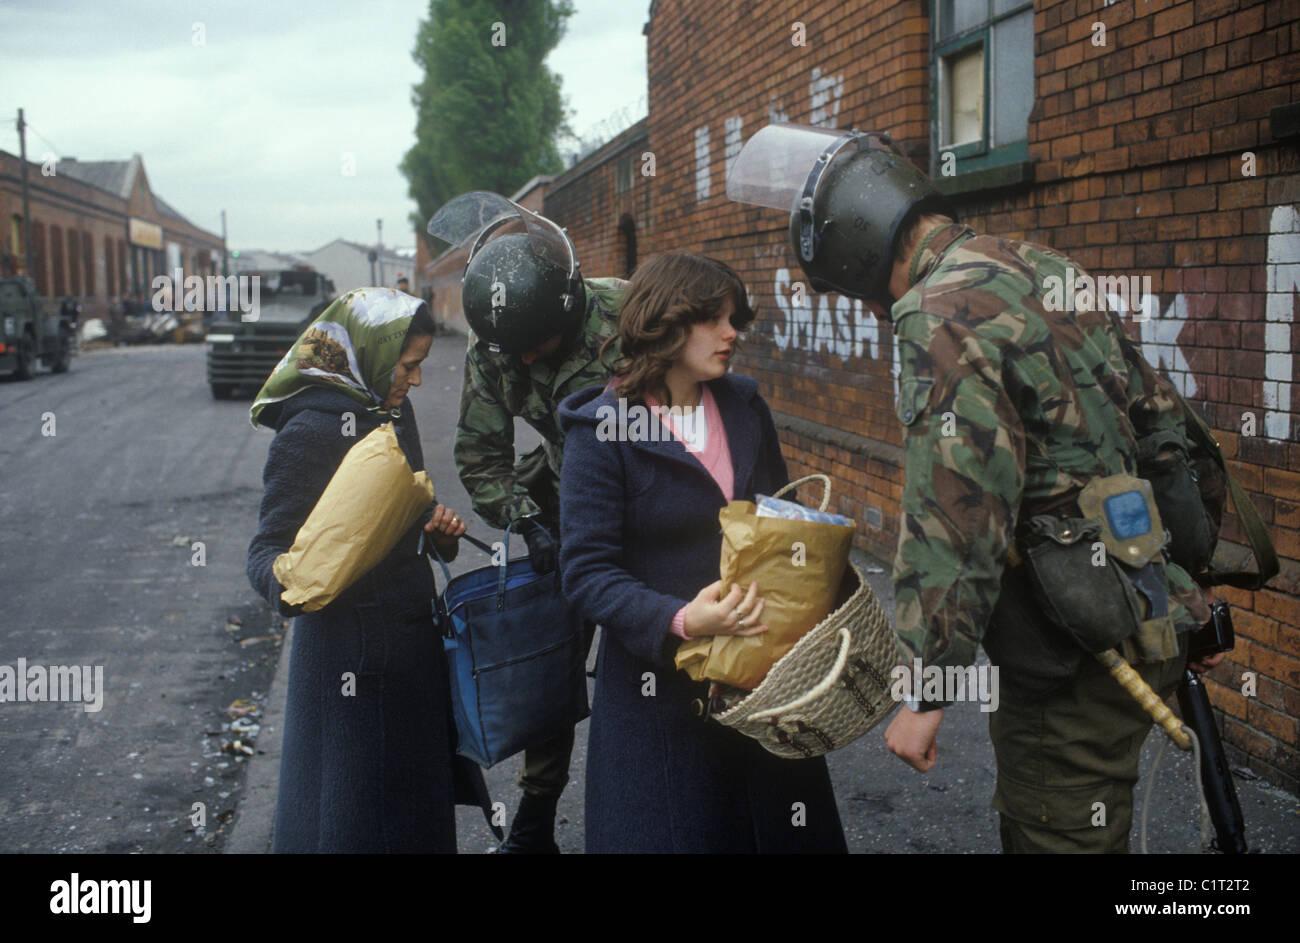 Belfast i guai. Degli anni Ottanta. Soldati britannici di arresto e di ricerca la donna e la figlia. HOMER SYKES Immagini Stock